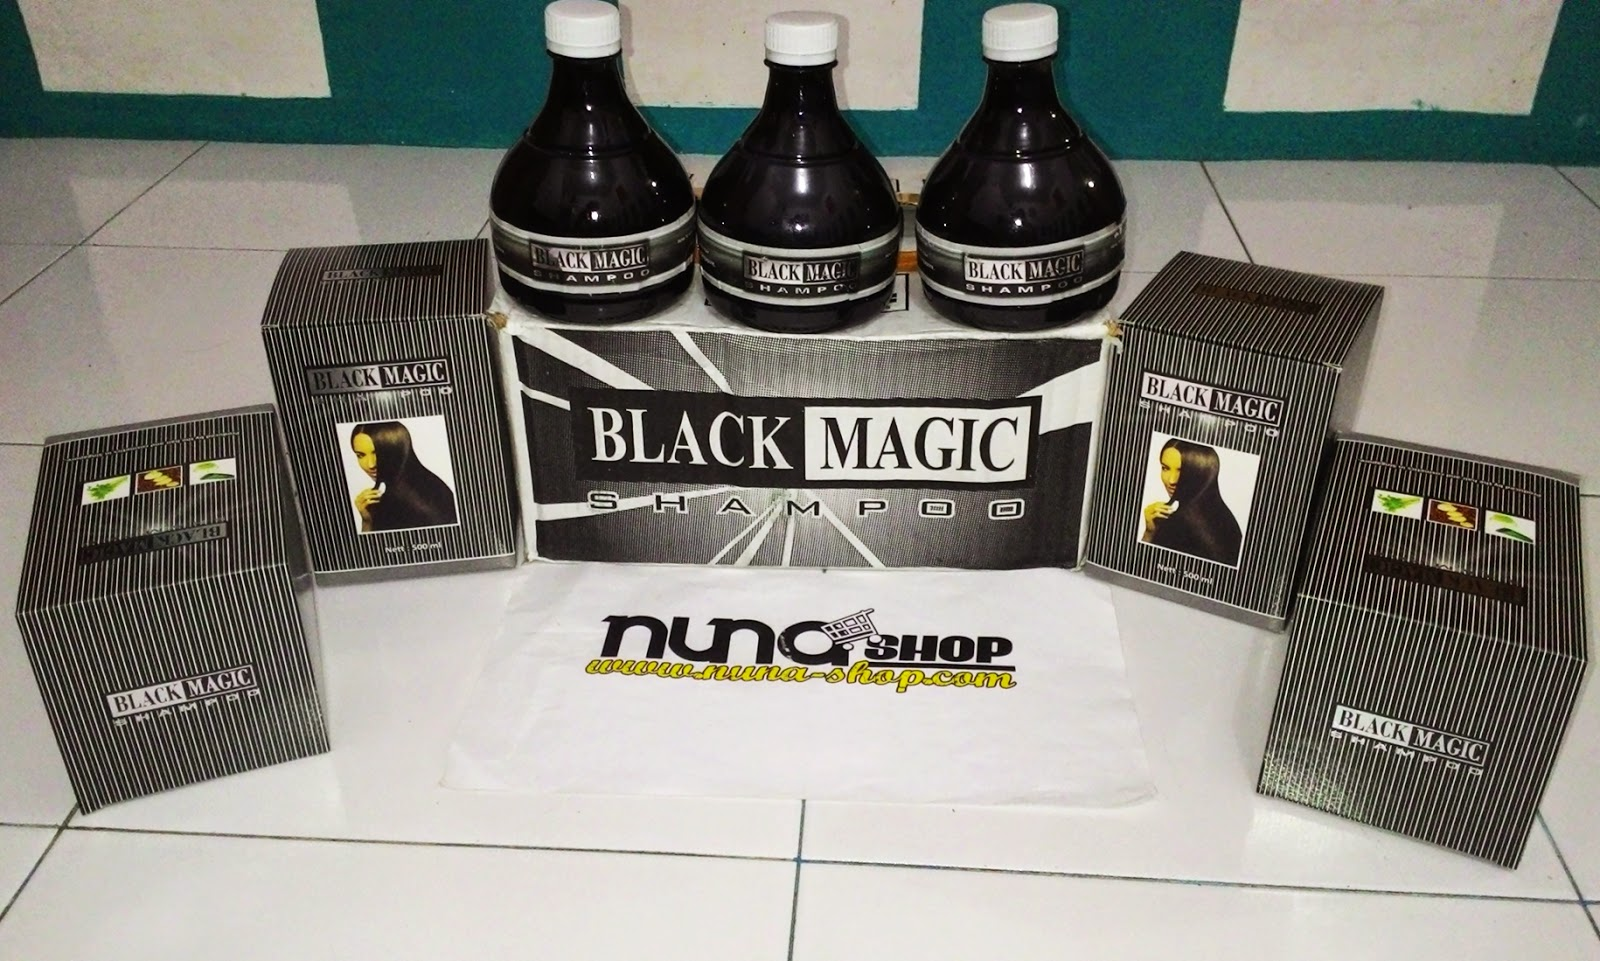 Black Magic shampoo penumbuh rambut ,pemanjang rambut,dan menutrisi rambut dalam pertumbuhan,penghalus rambut berbahan kemiri,lidah buaya dan kemiri